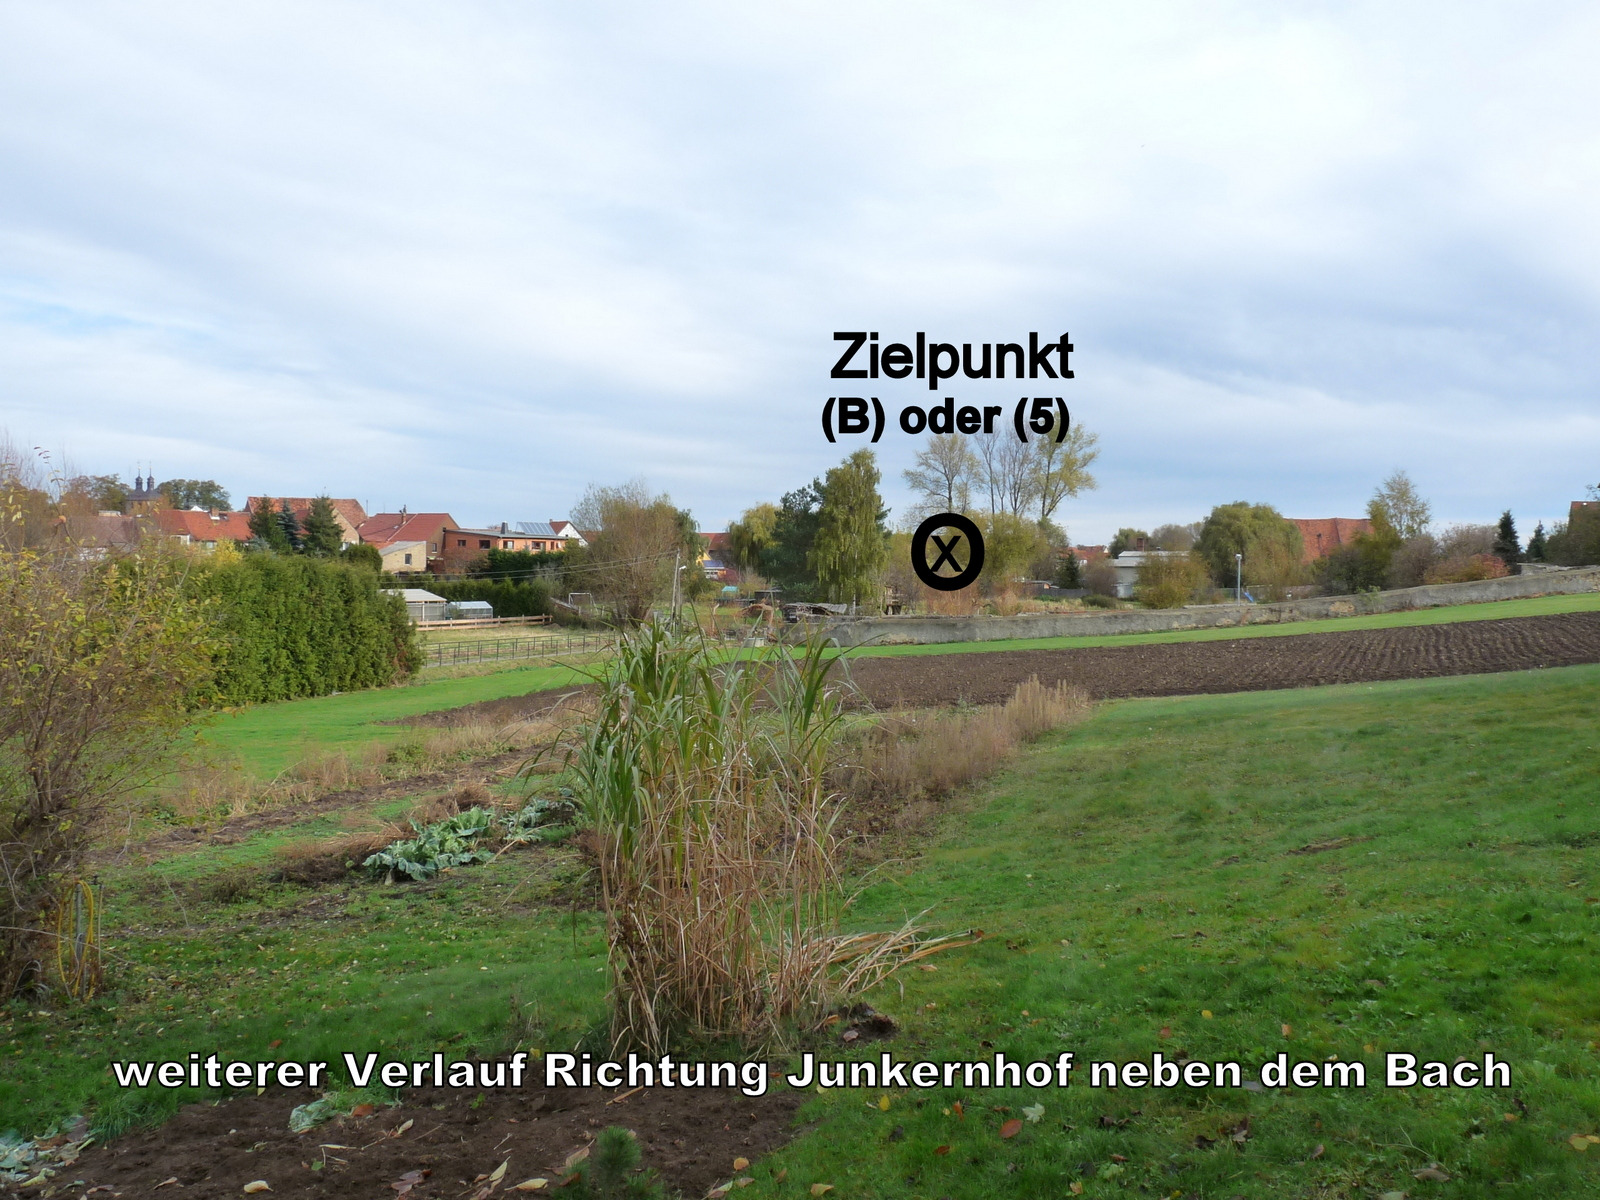 Zielpunkt 1 Junkernhof